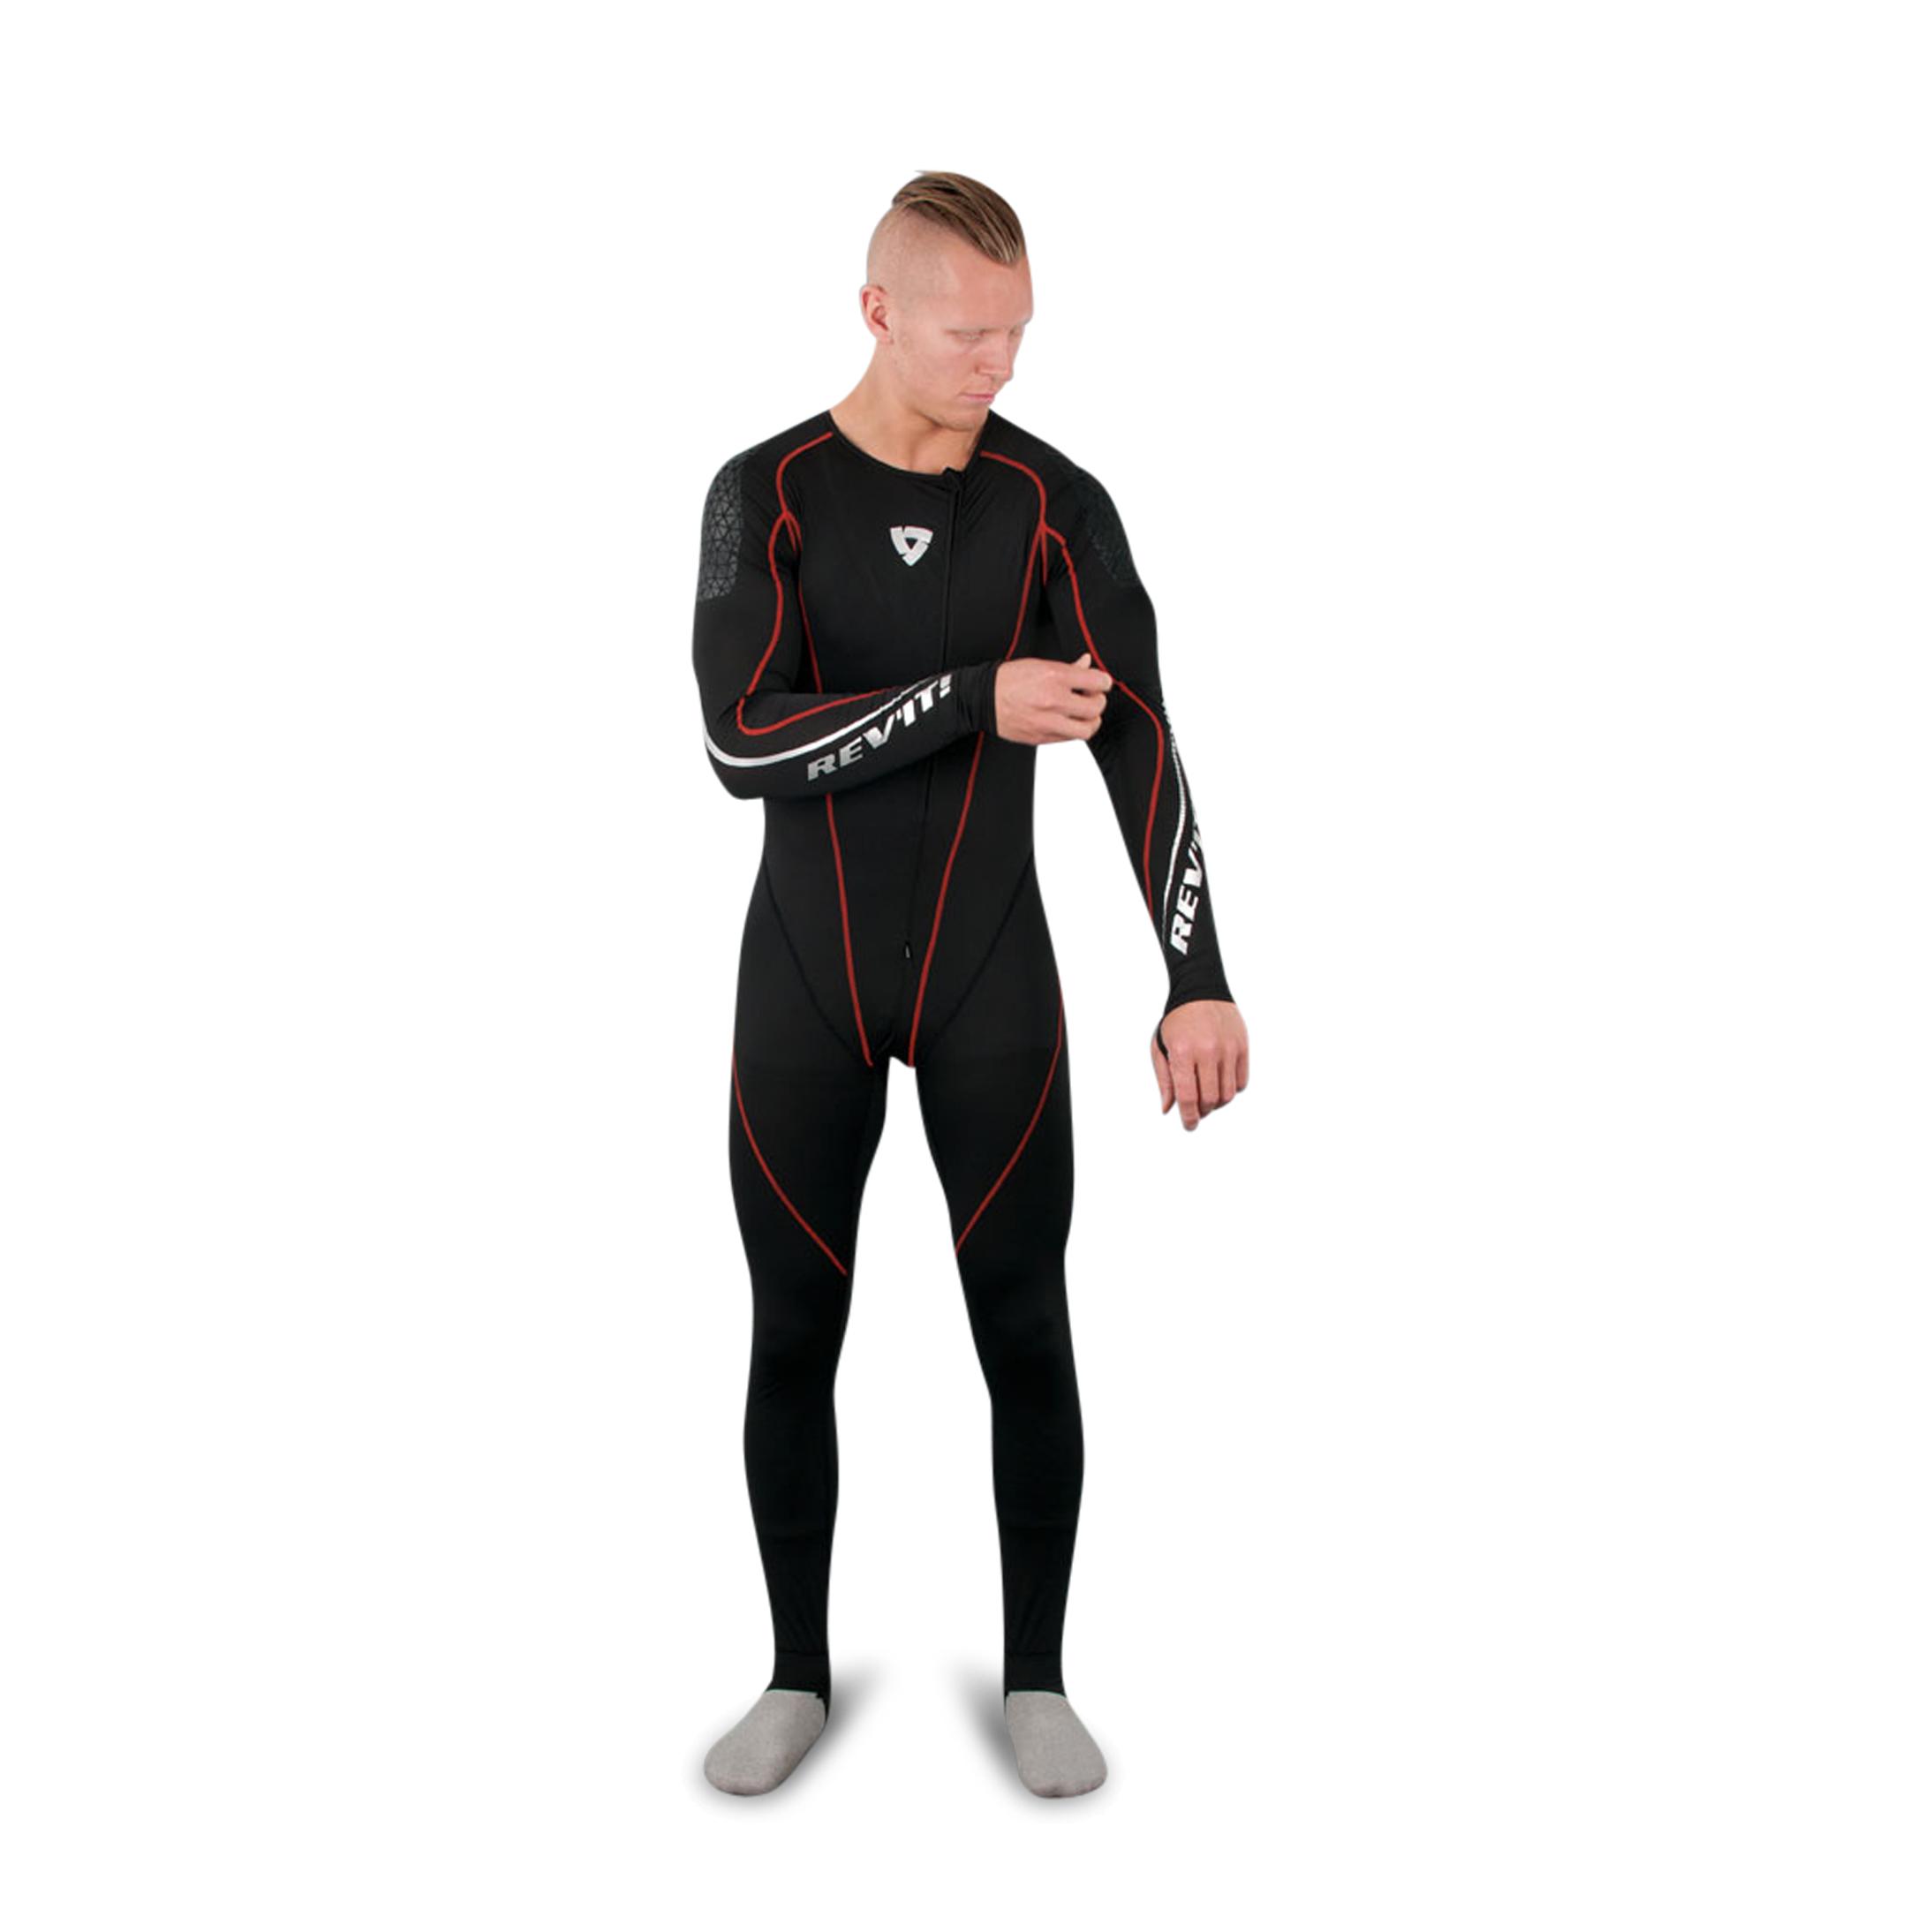 REVIT! Combinaison Sous-vêtements Sports Excellerator Noire